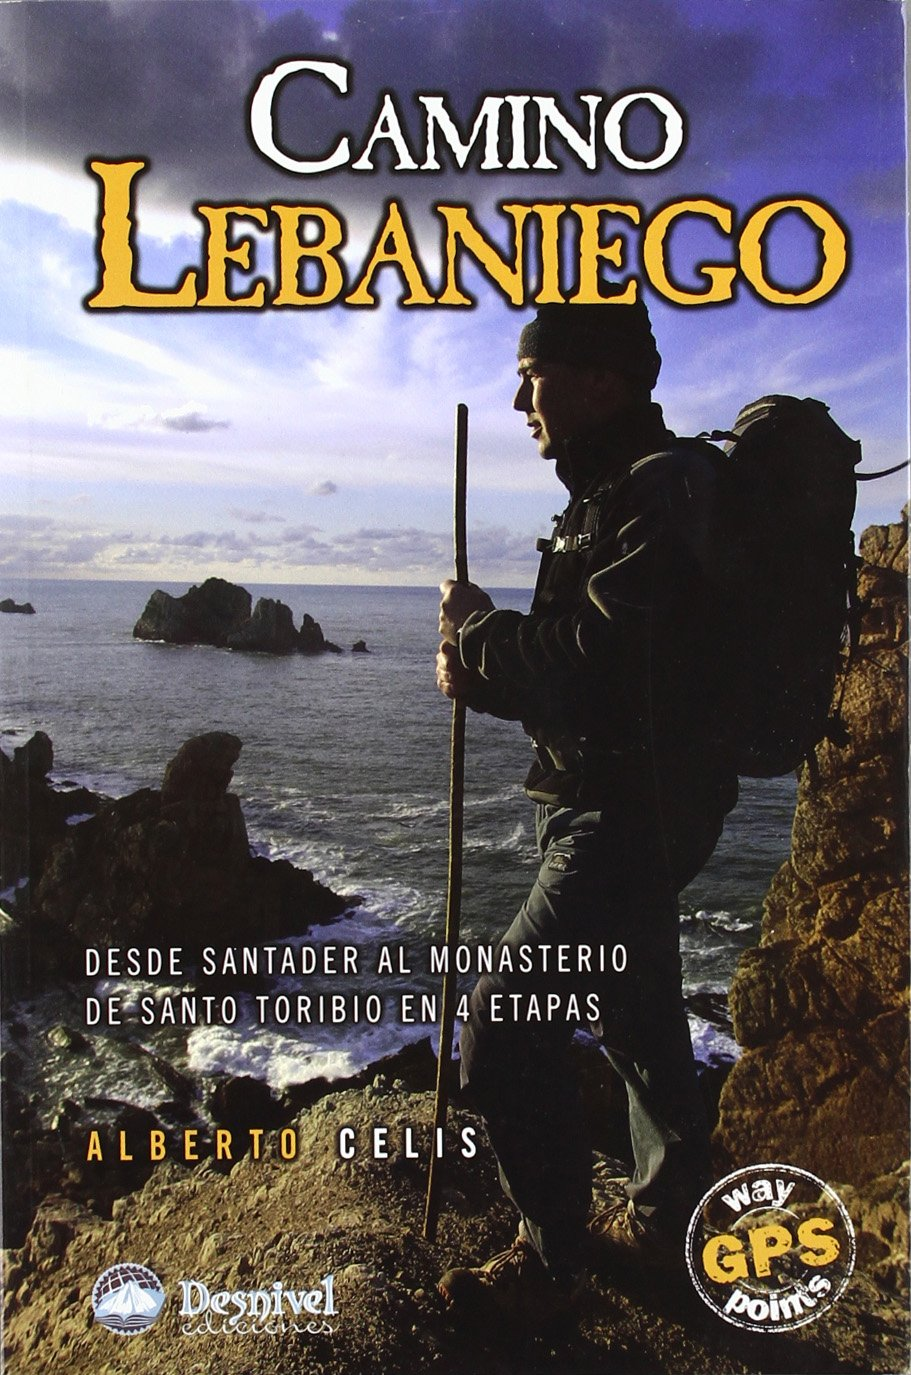 Camino Lebaniego. Desde Santander al monasterio de Santo Toribio en 4 etapas (Spanish) Paperback – 2006